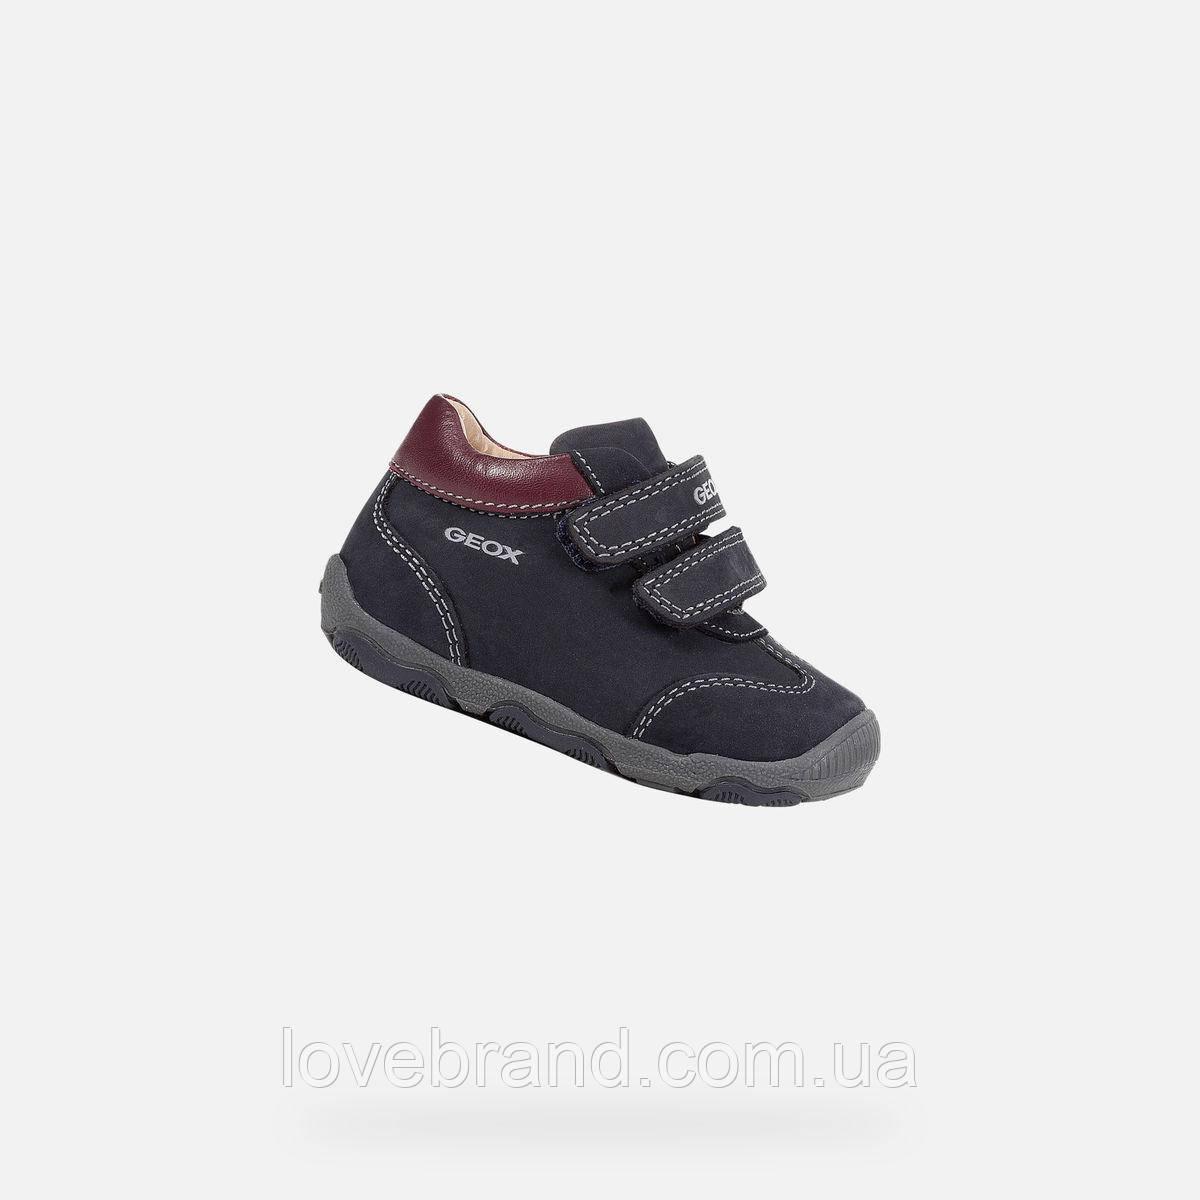 Фирменные ботинки для мальчика GEOX (Италия), ботиночки на весну детские (ОРИГИНАЛ) 23 р.